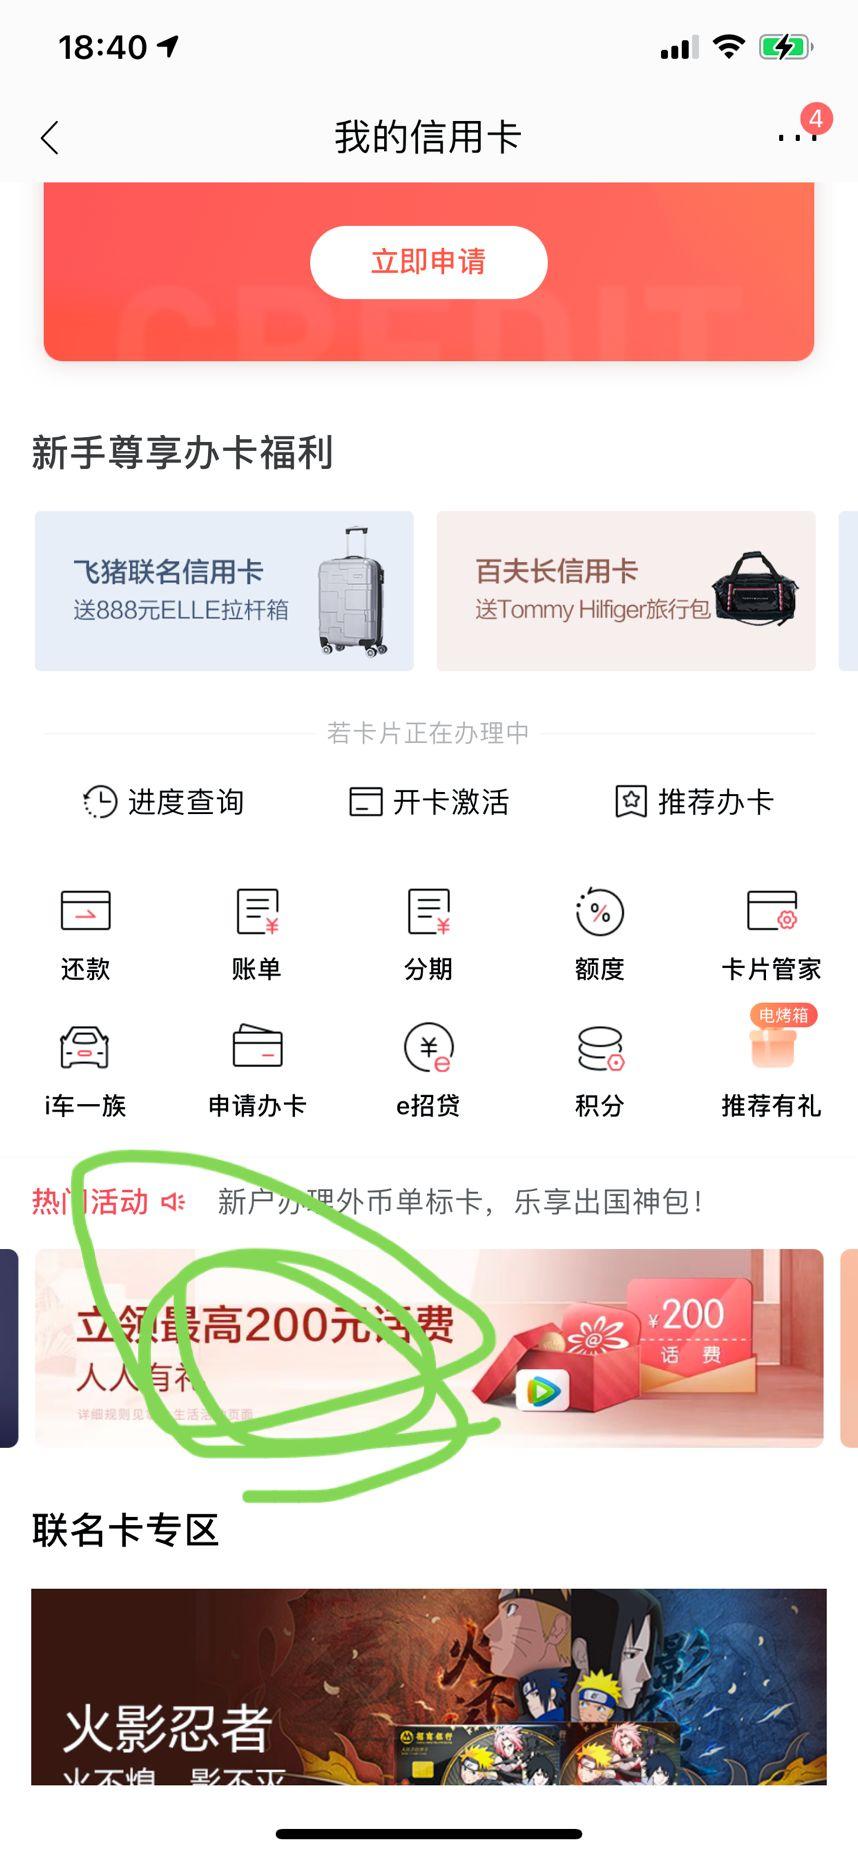 【虚拟物品】招商银行app领话费腾讯视频等-聚合资源网